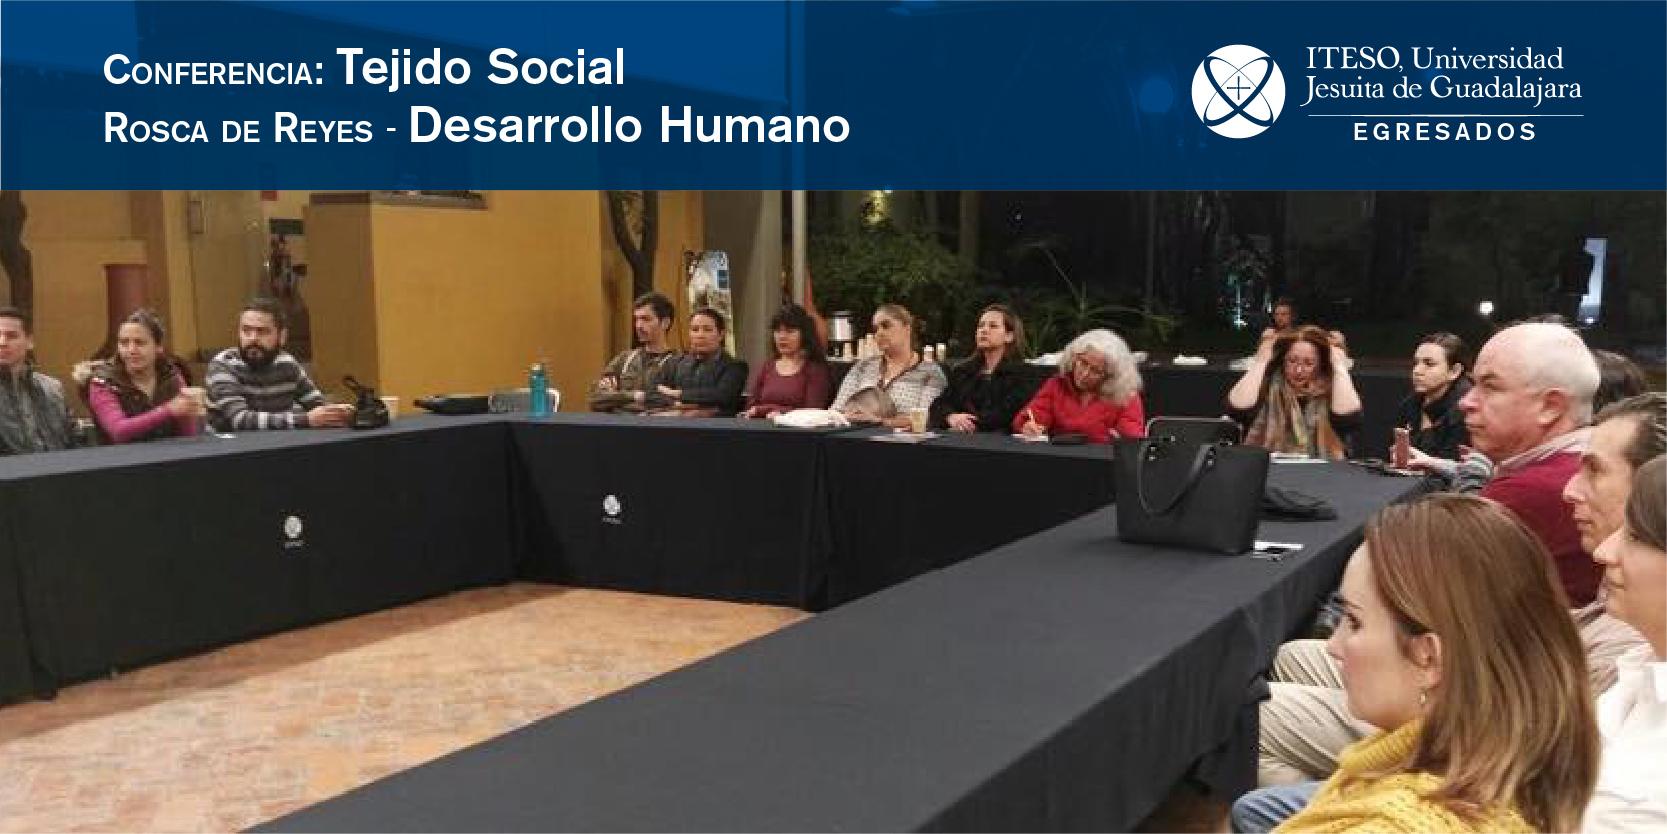 PLÁTICA: DESARROLLO HUMANO Y TEJIDO SOCIAL